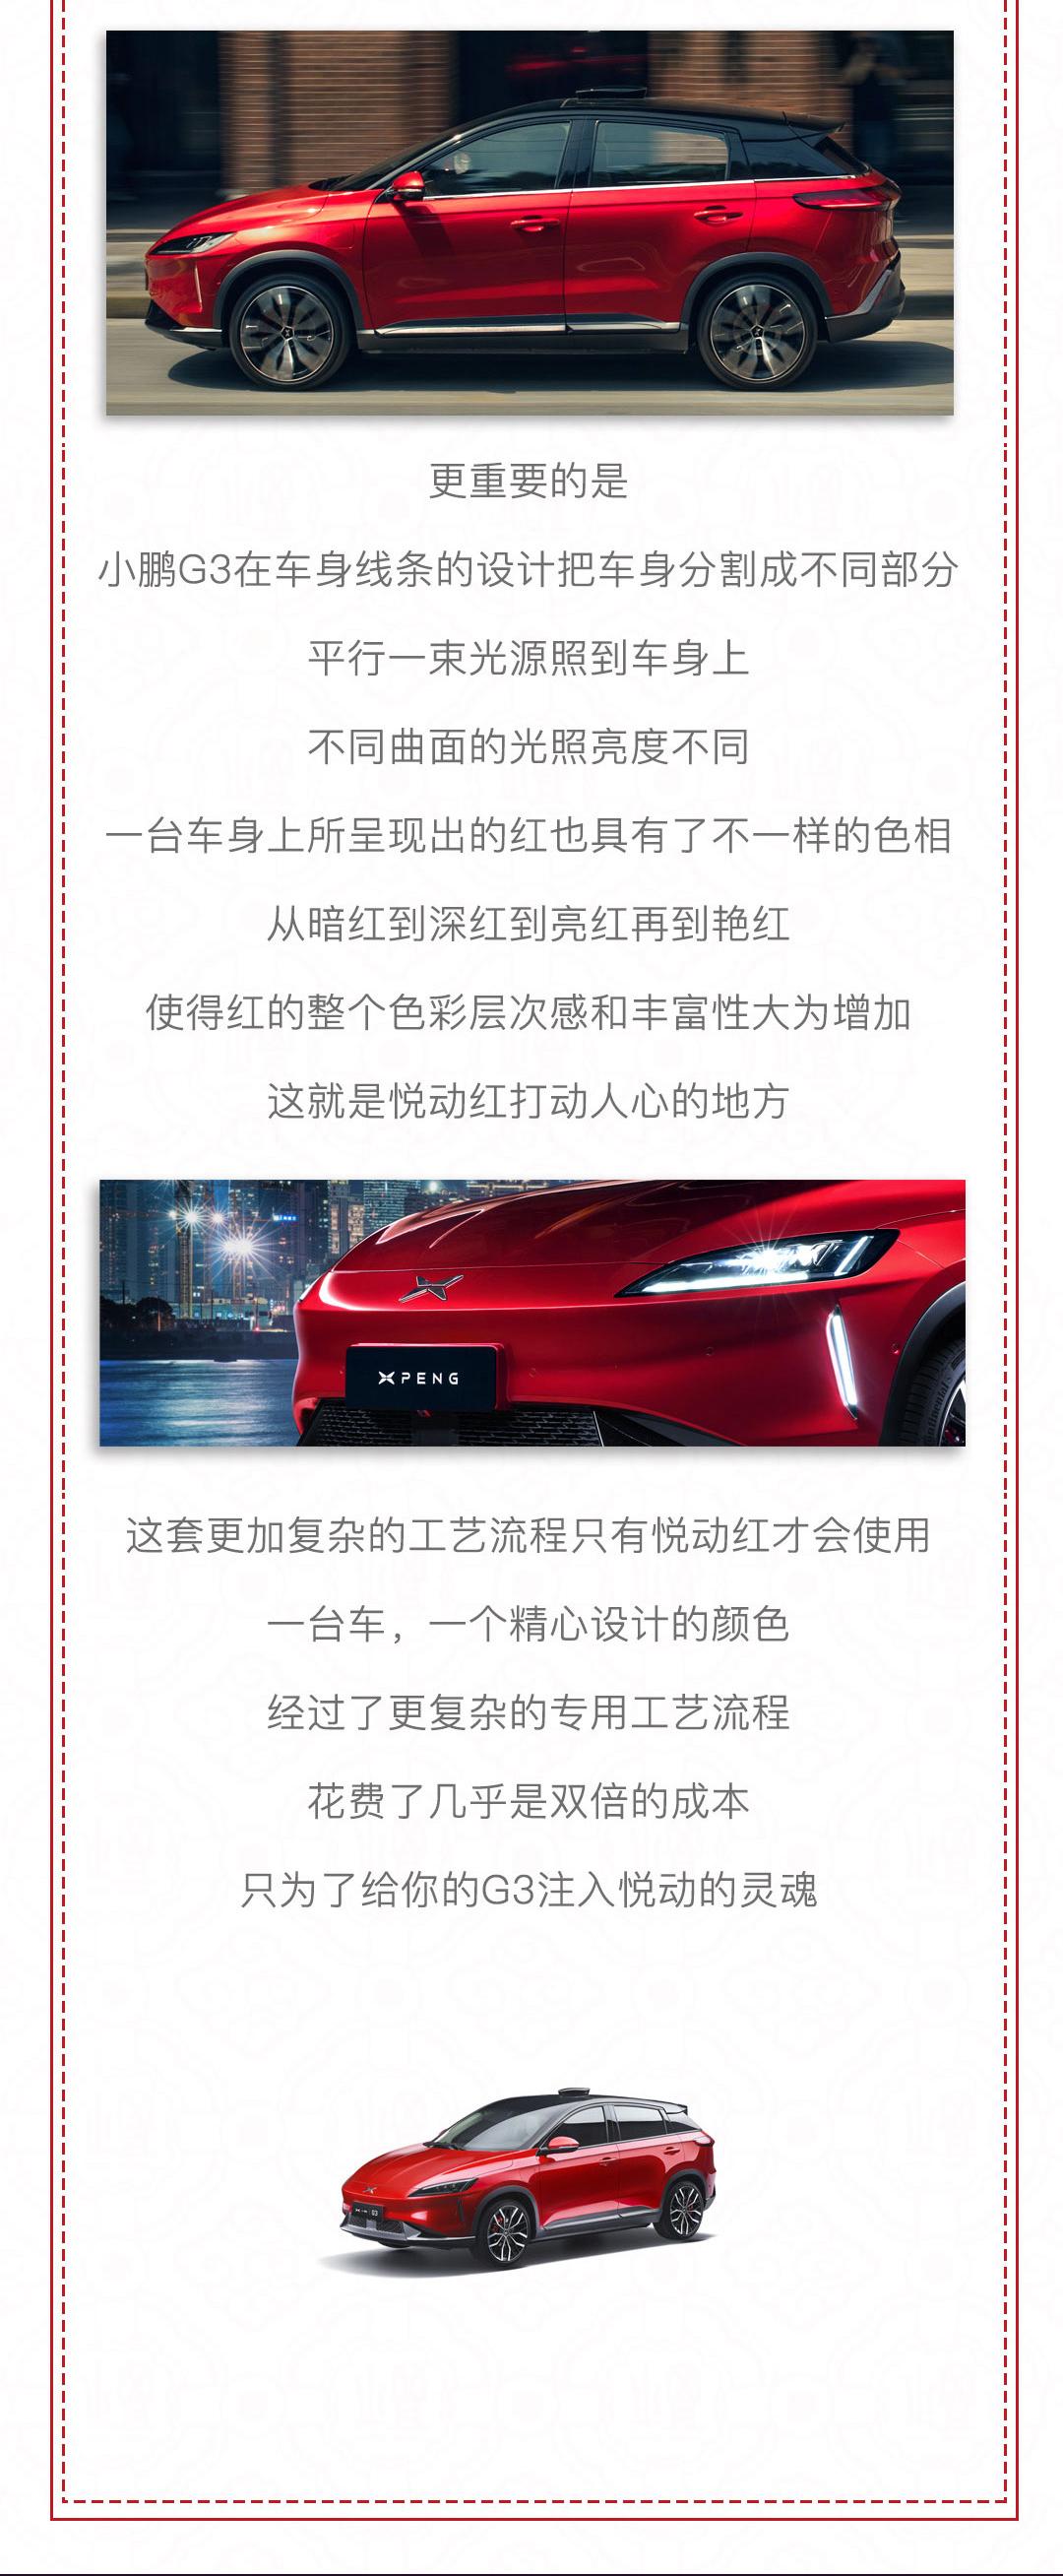 红色排版part1_01_06.jpg